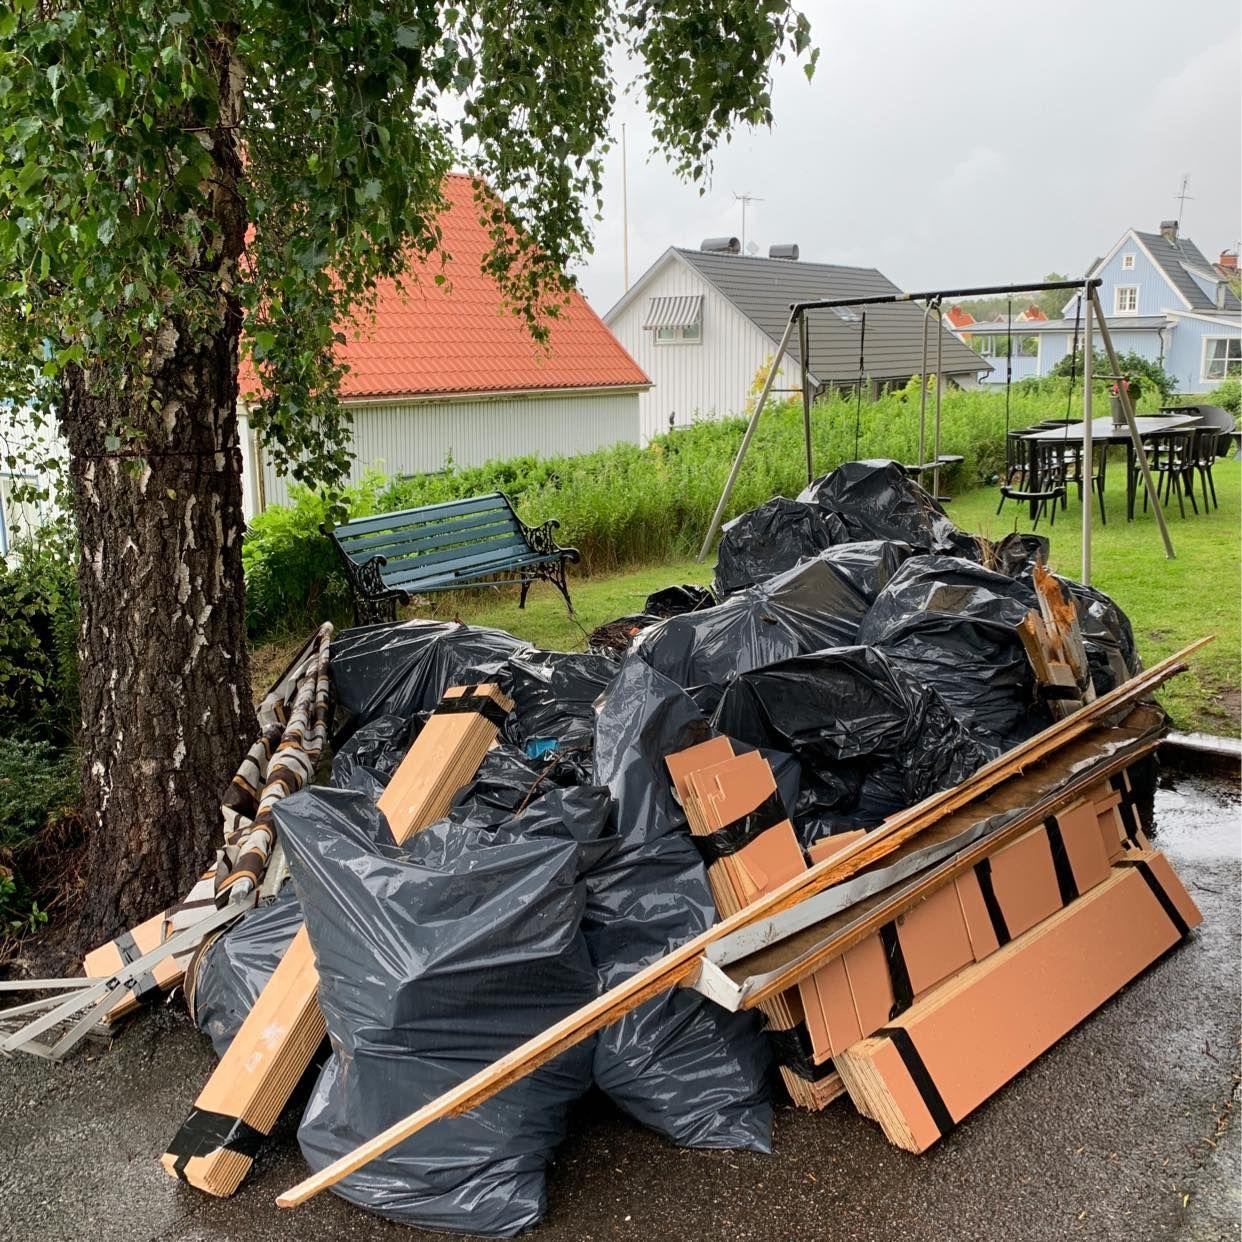 image of Hämtning av trädgårdsrens - Västra Frölunda